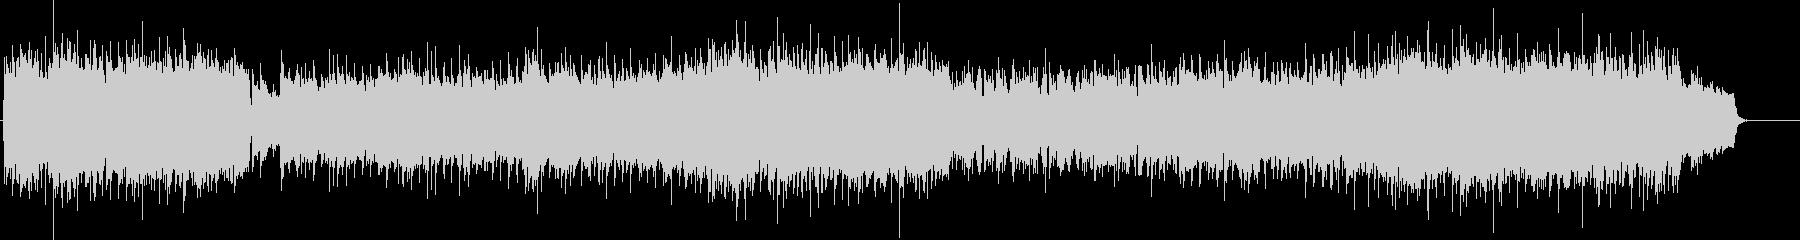 直感的カウンター・バラードの未再生の波形